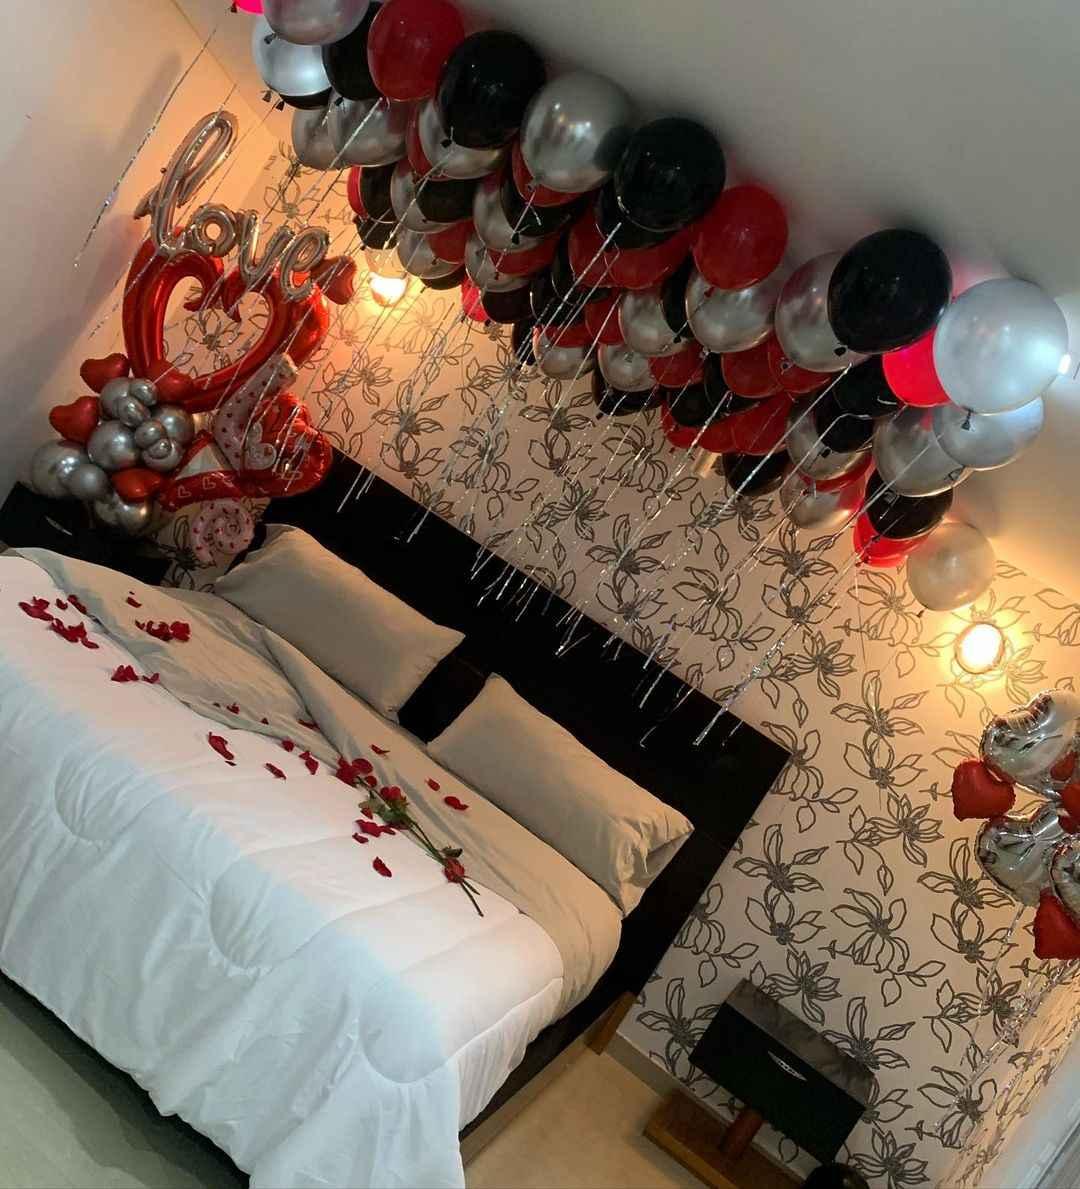 habitacion de Nacho y Melany Mille decorada el 14 de febrero 1